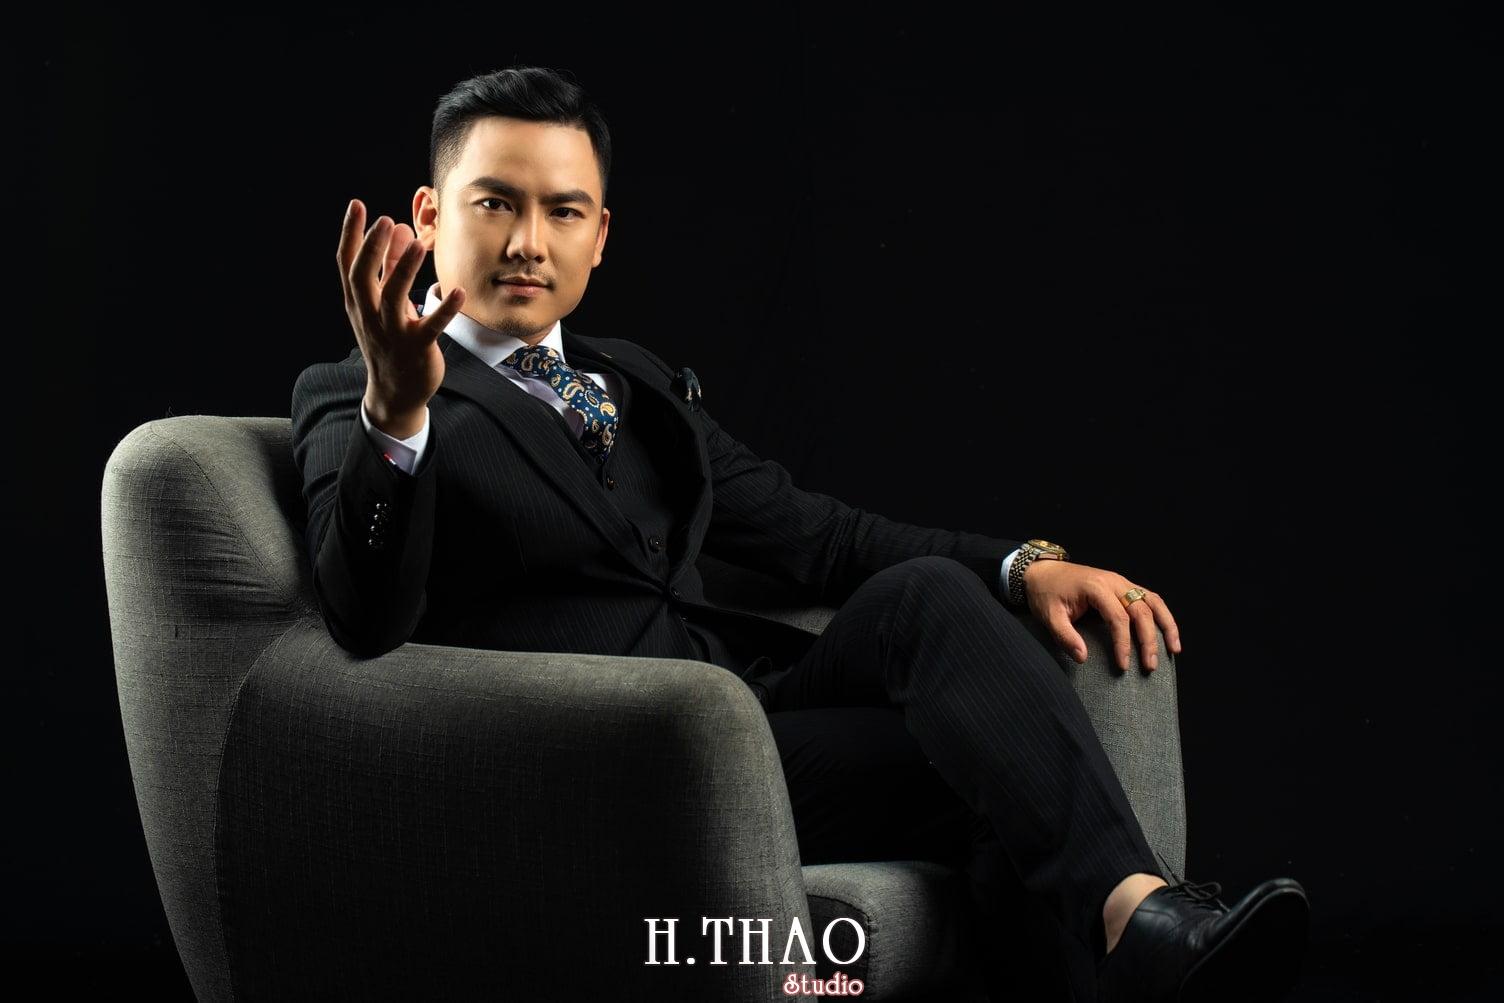 Anh Doanh nhan 32 1 - Ảnh doanh nhân, CEO & Founder PFT Academy Mr.Tuan Anh – HThao Studio